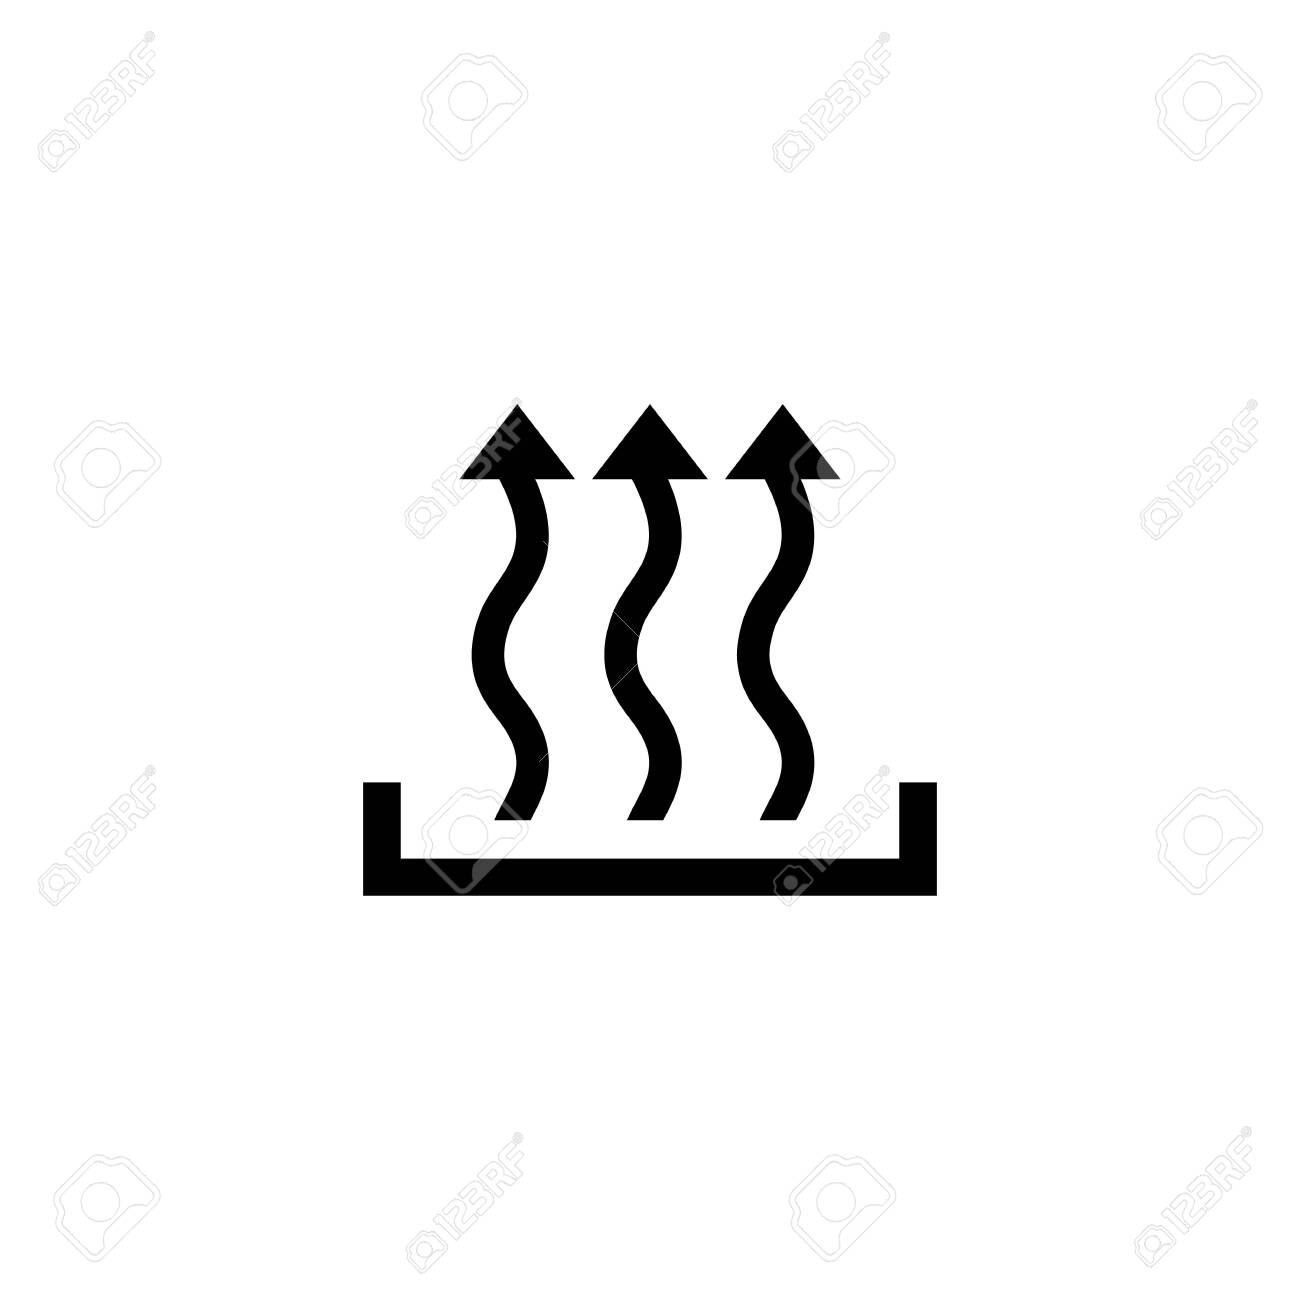 Heat icon three arrow up concept. Vector - 123028903